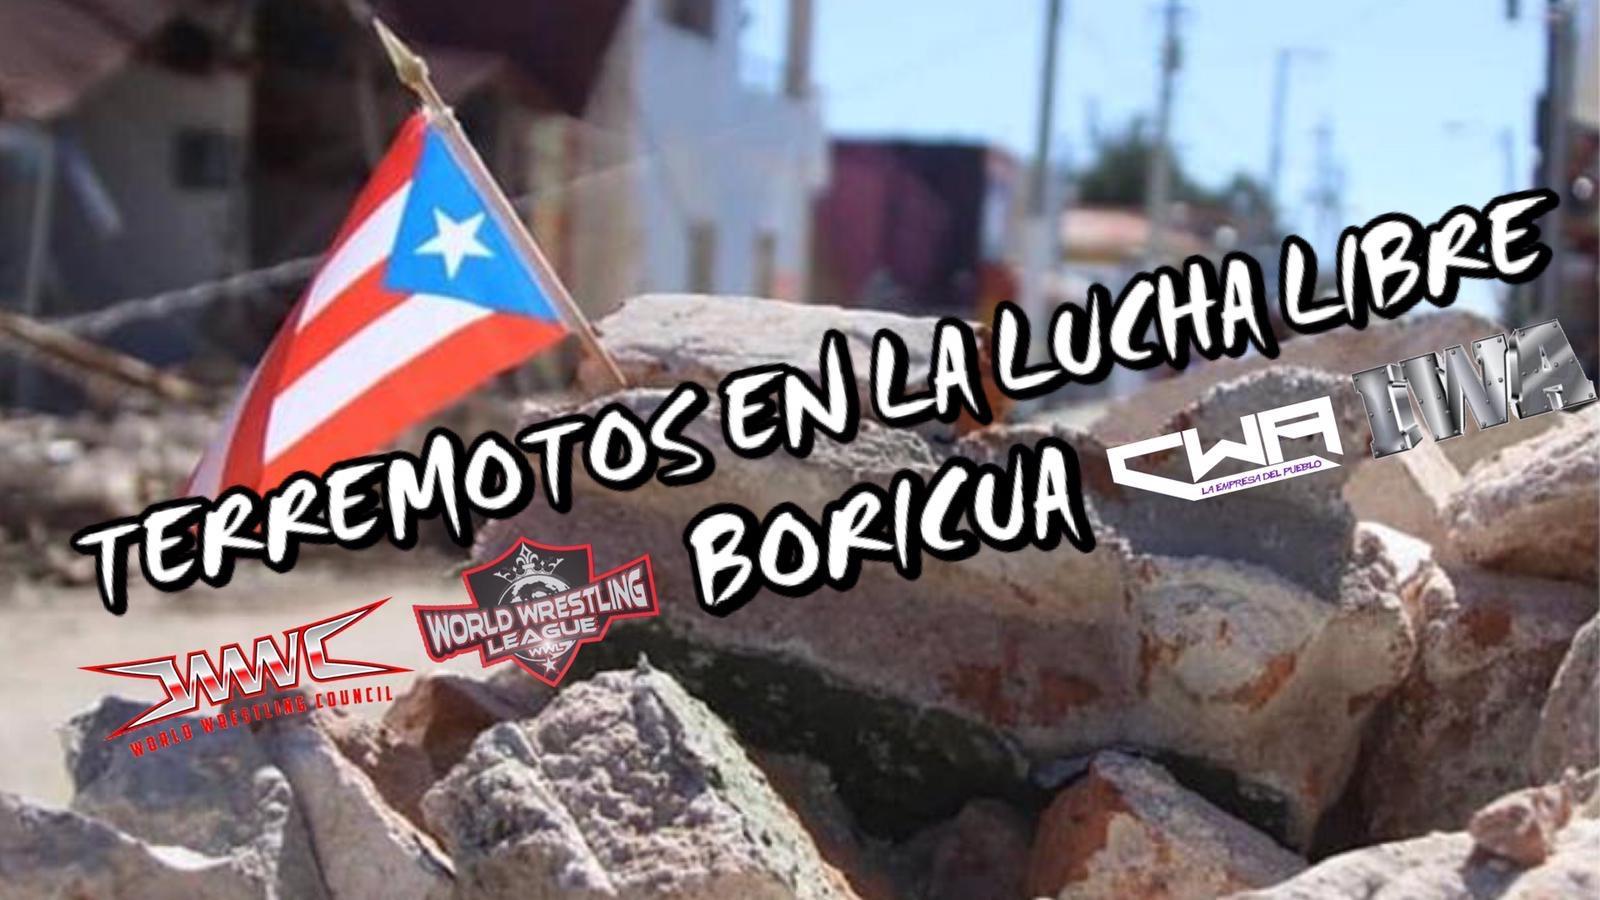 VIDEO: Earthquakes in Lucha Libre Boricua 3